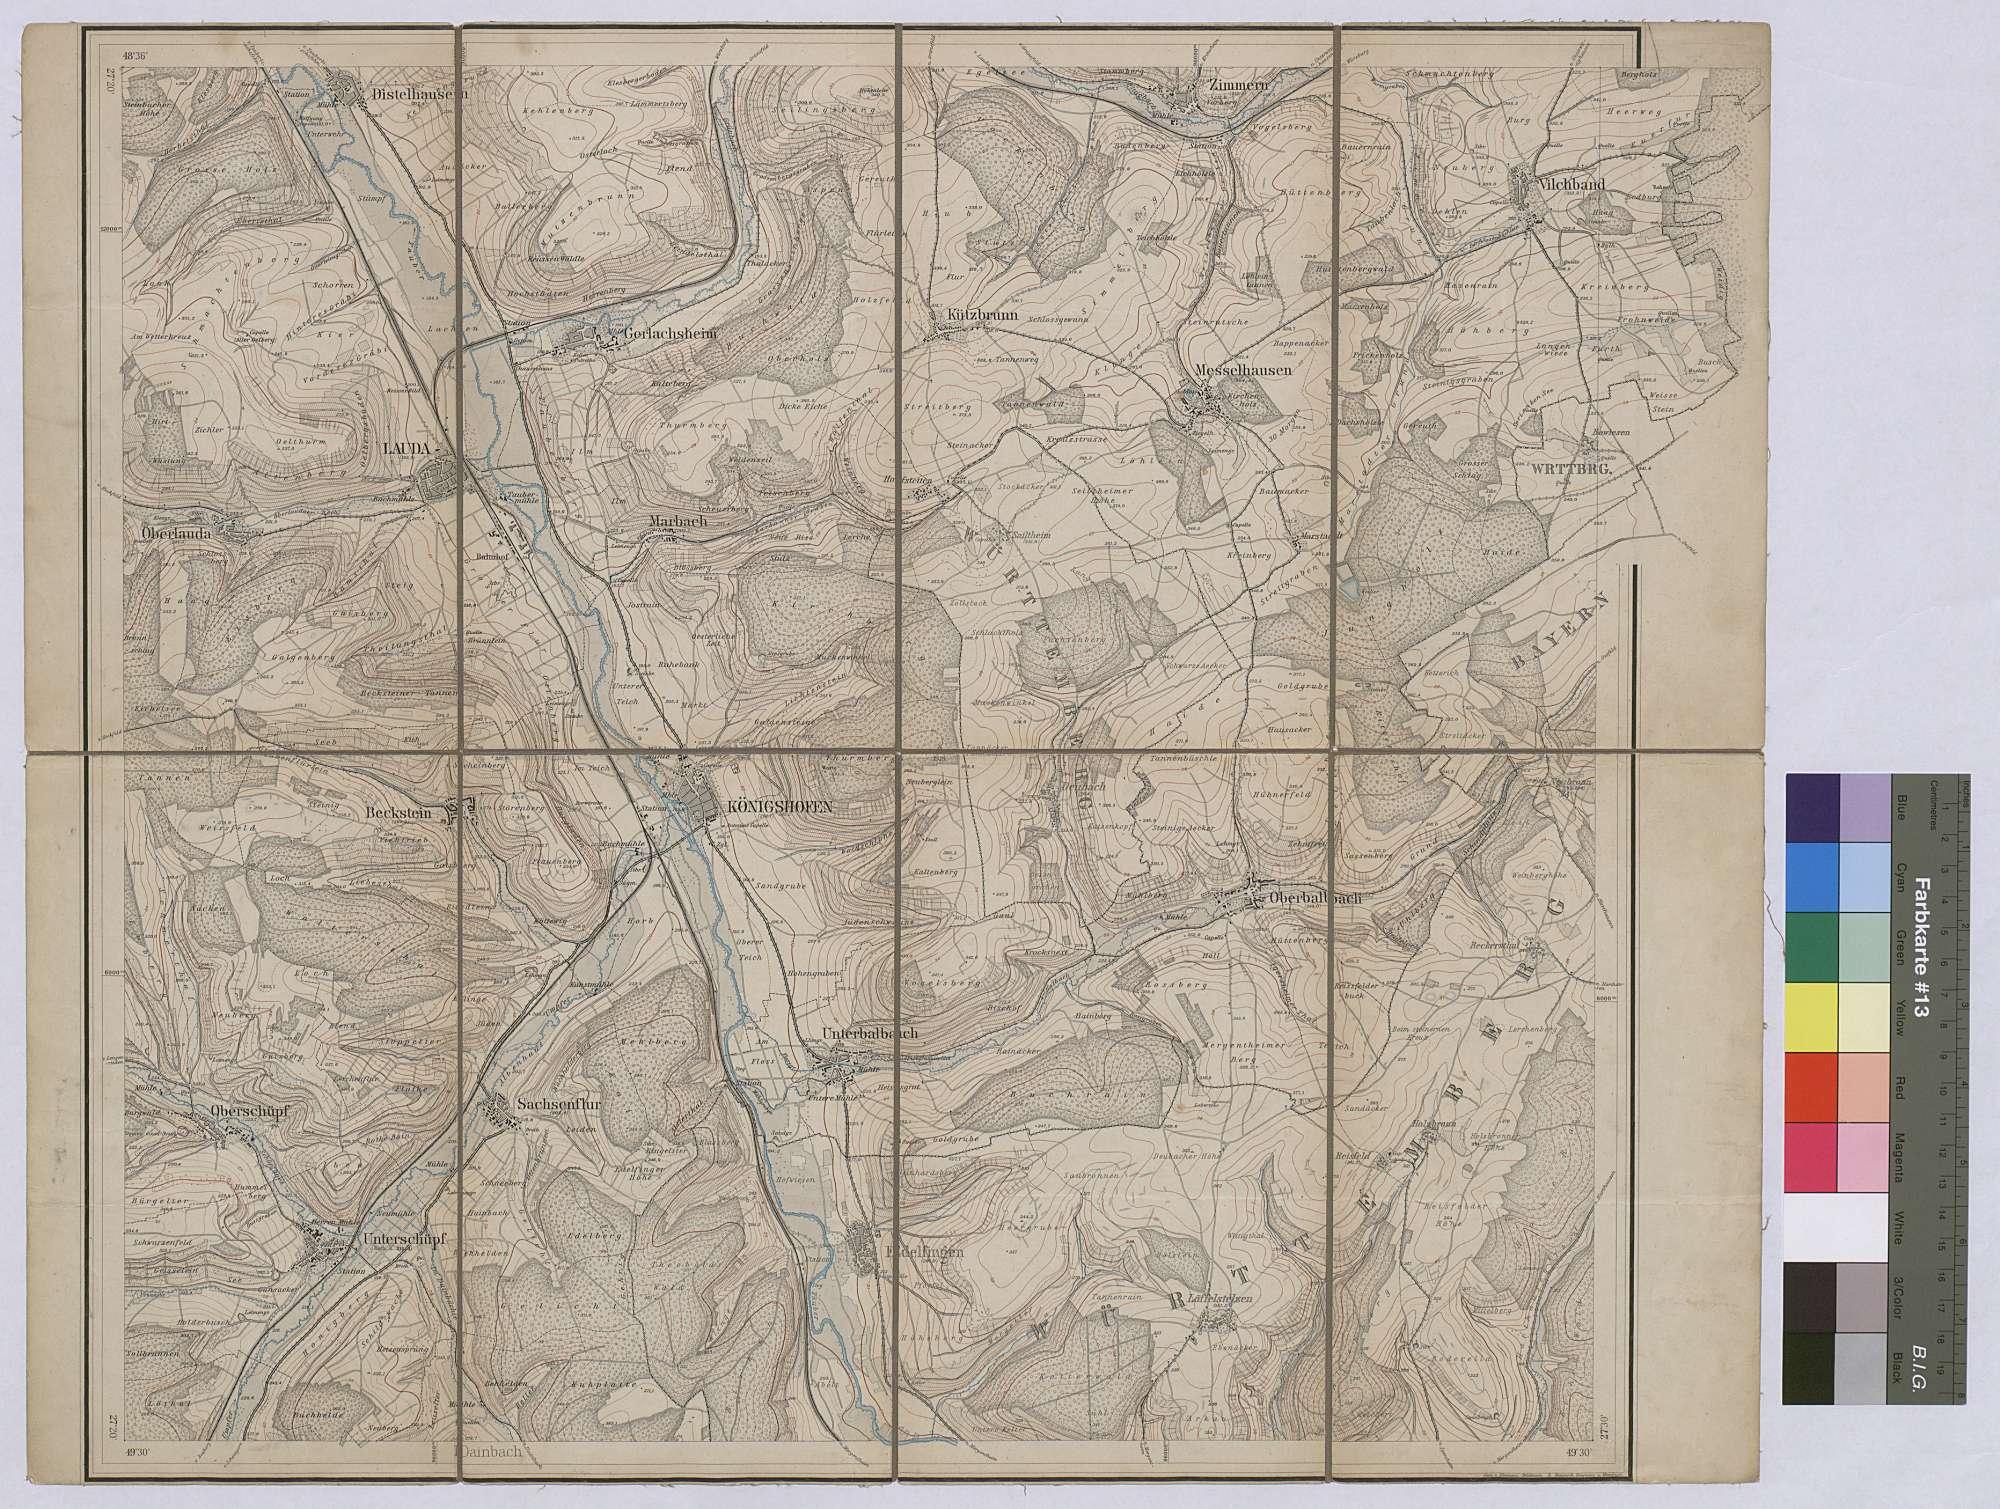 Topographische Karte Königshofen Maßstab 1:25 000 / Zwei-Farben-Druck / 47 x 56 cm, Bild 1